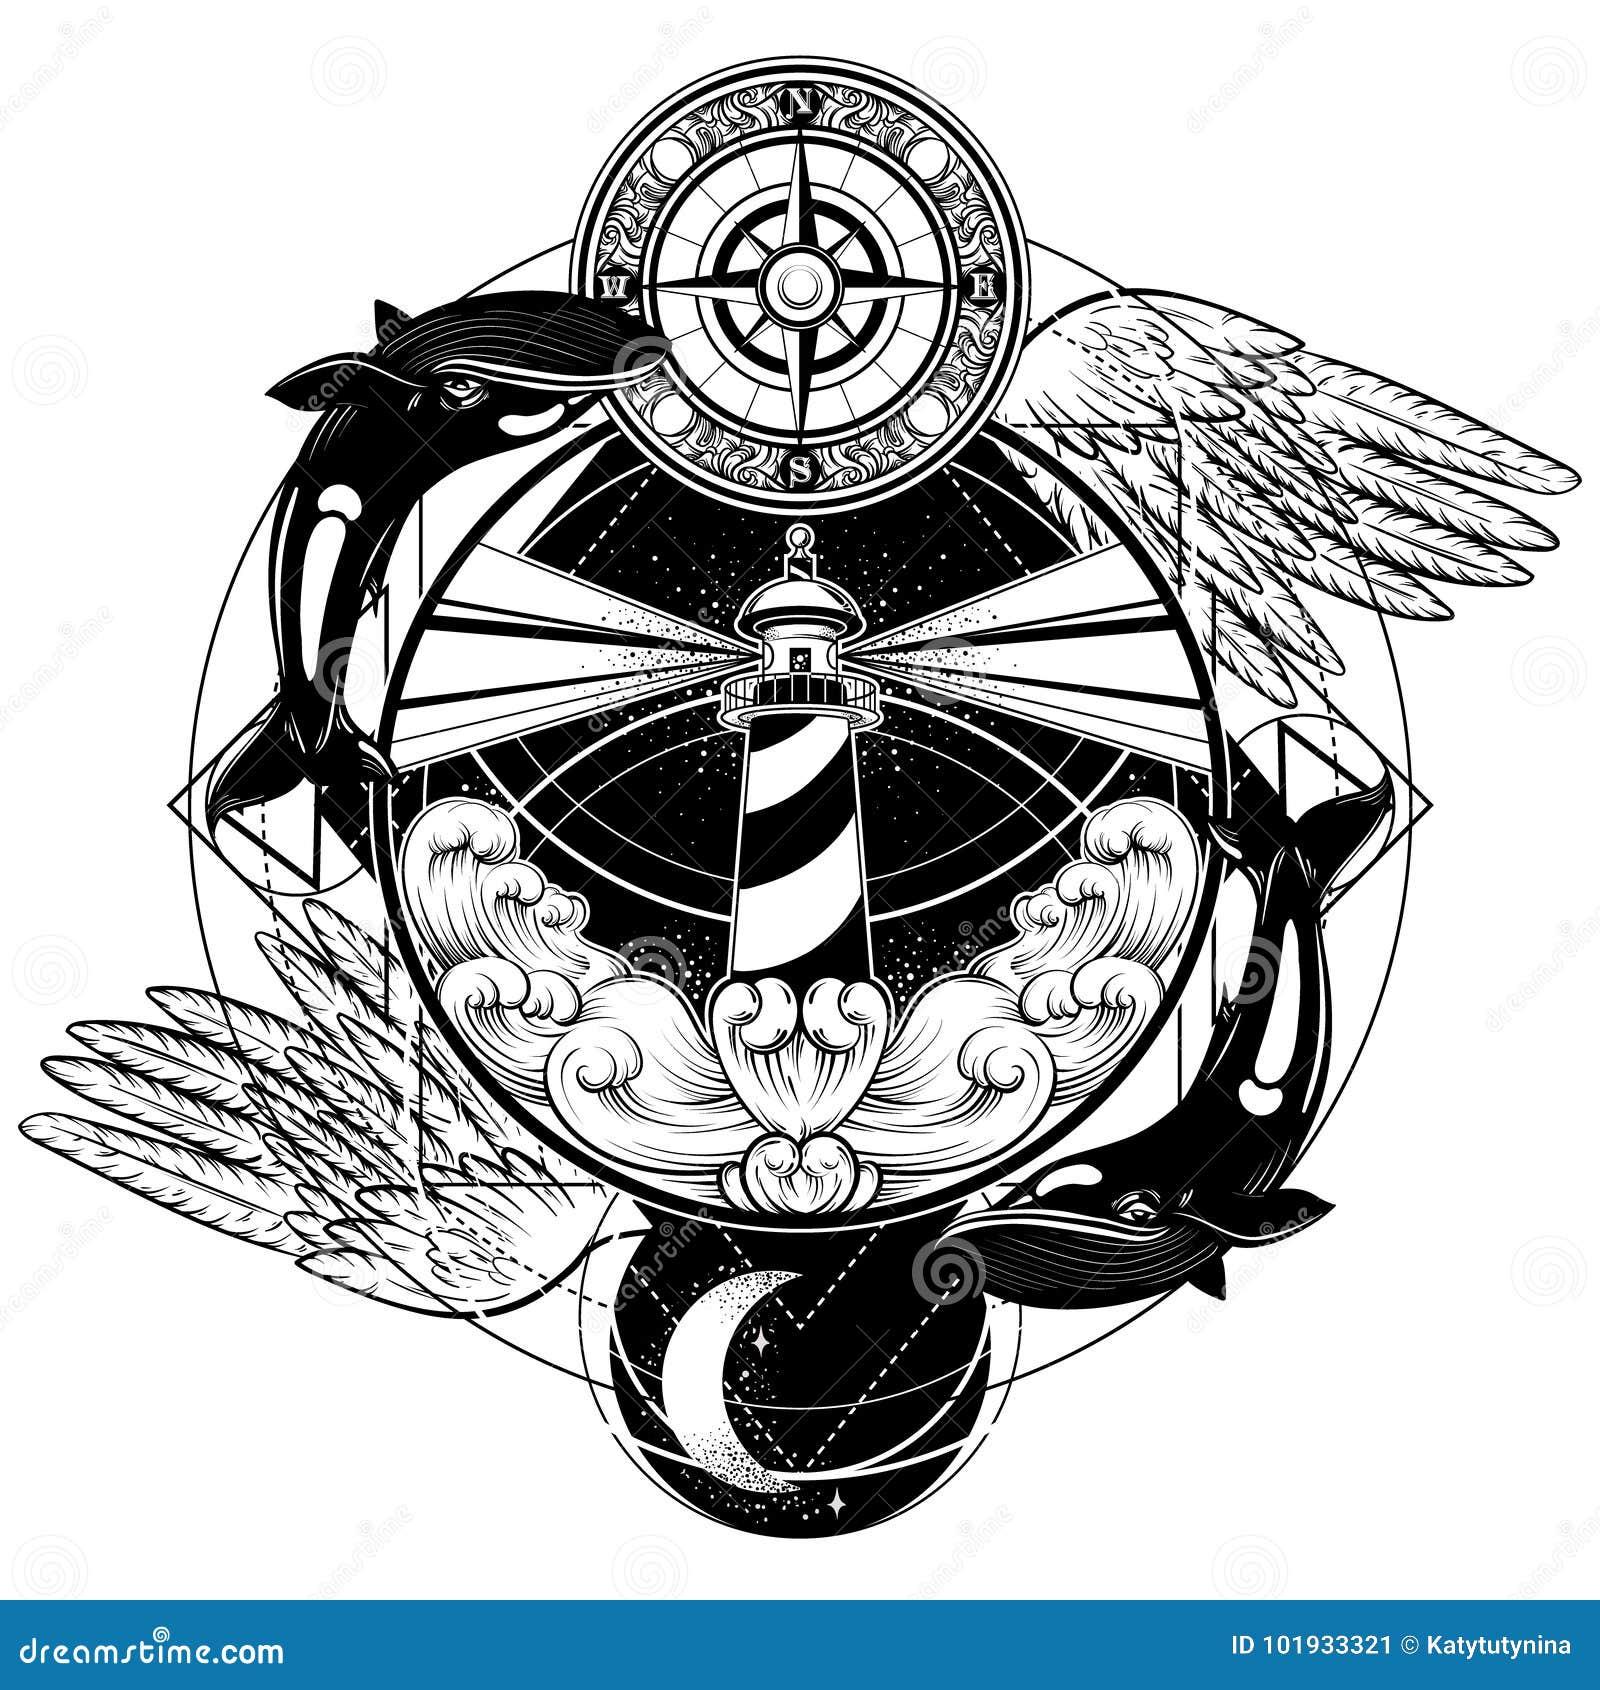 Vector иллюстрация нарисованная рукой маяка с лучами, волнами, крылами, китами и винтажным компасом